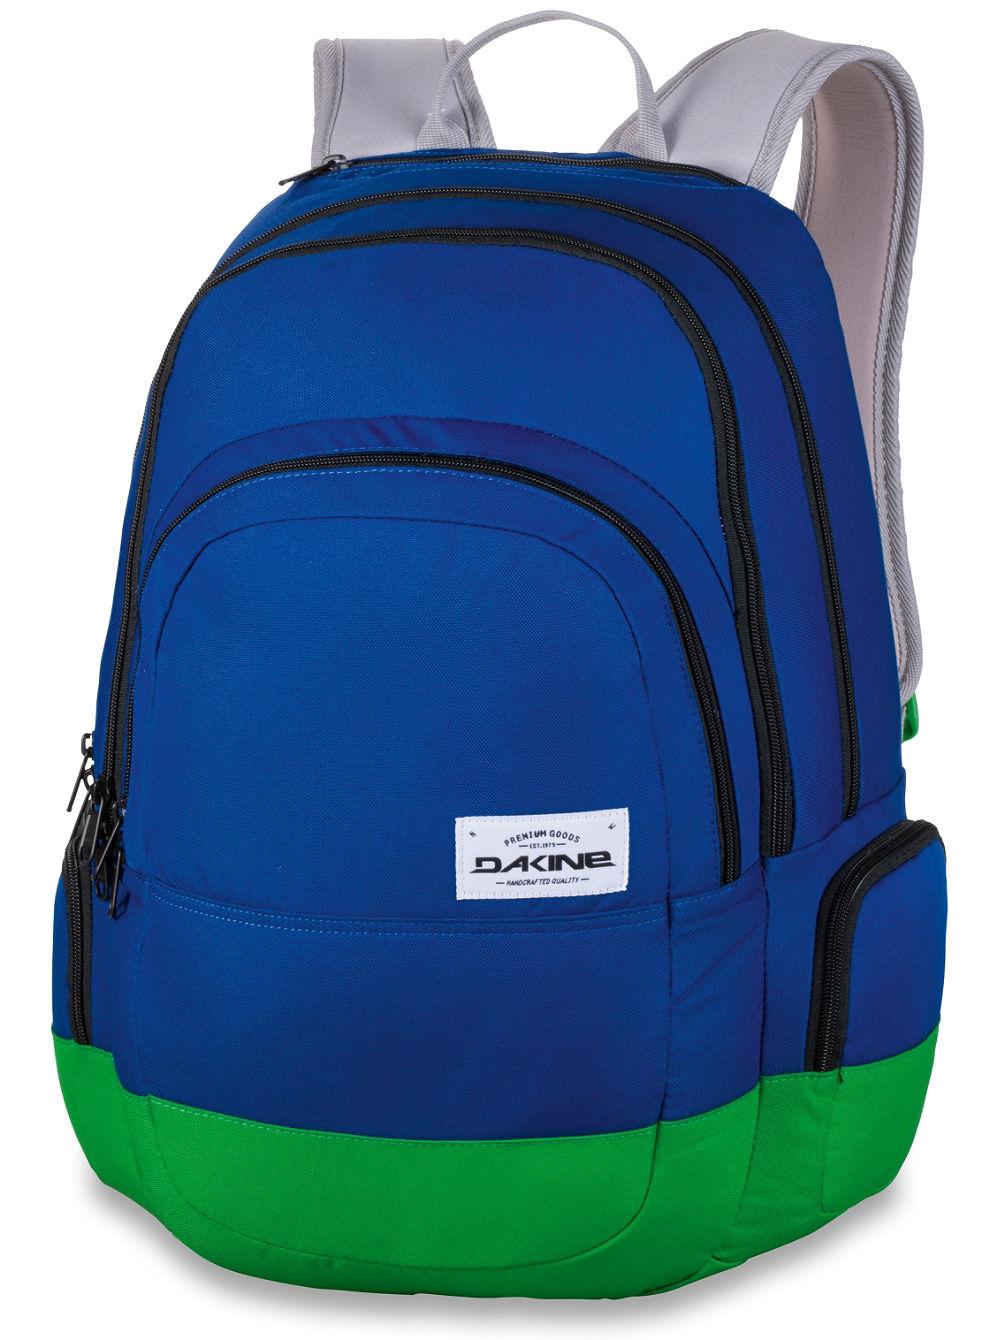 portal-pack-32l-backpack